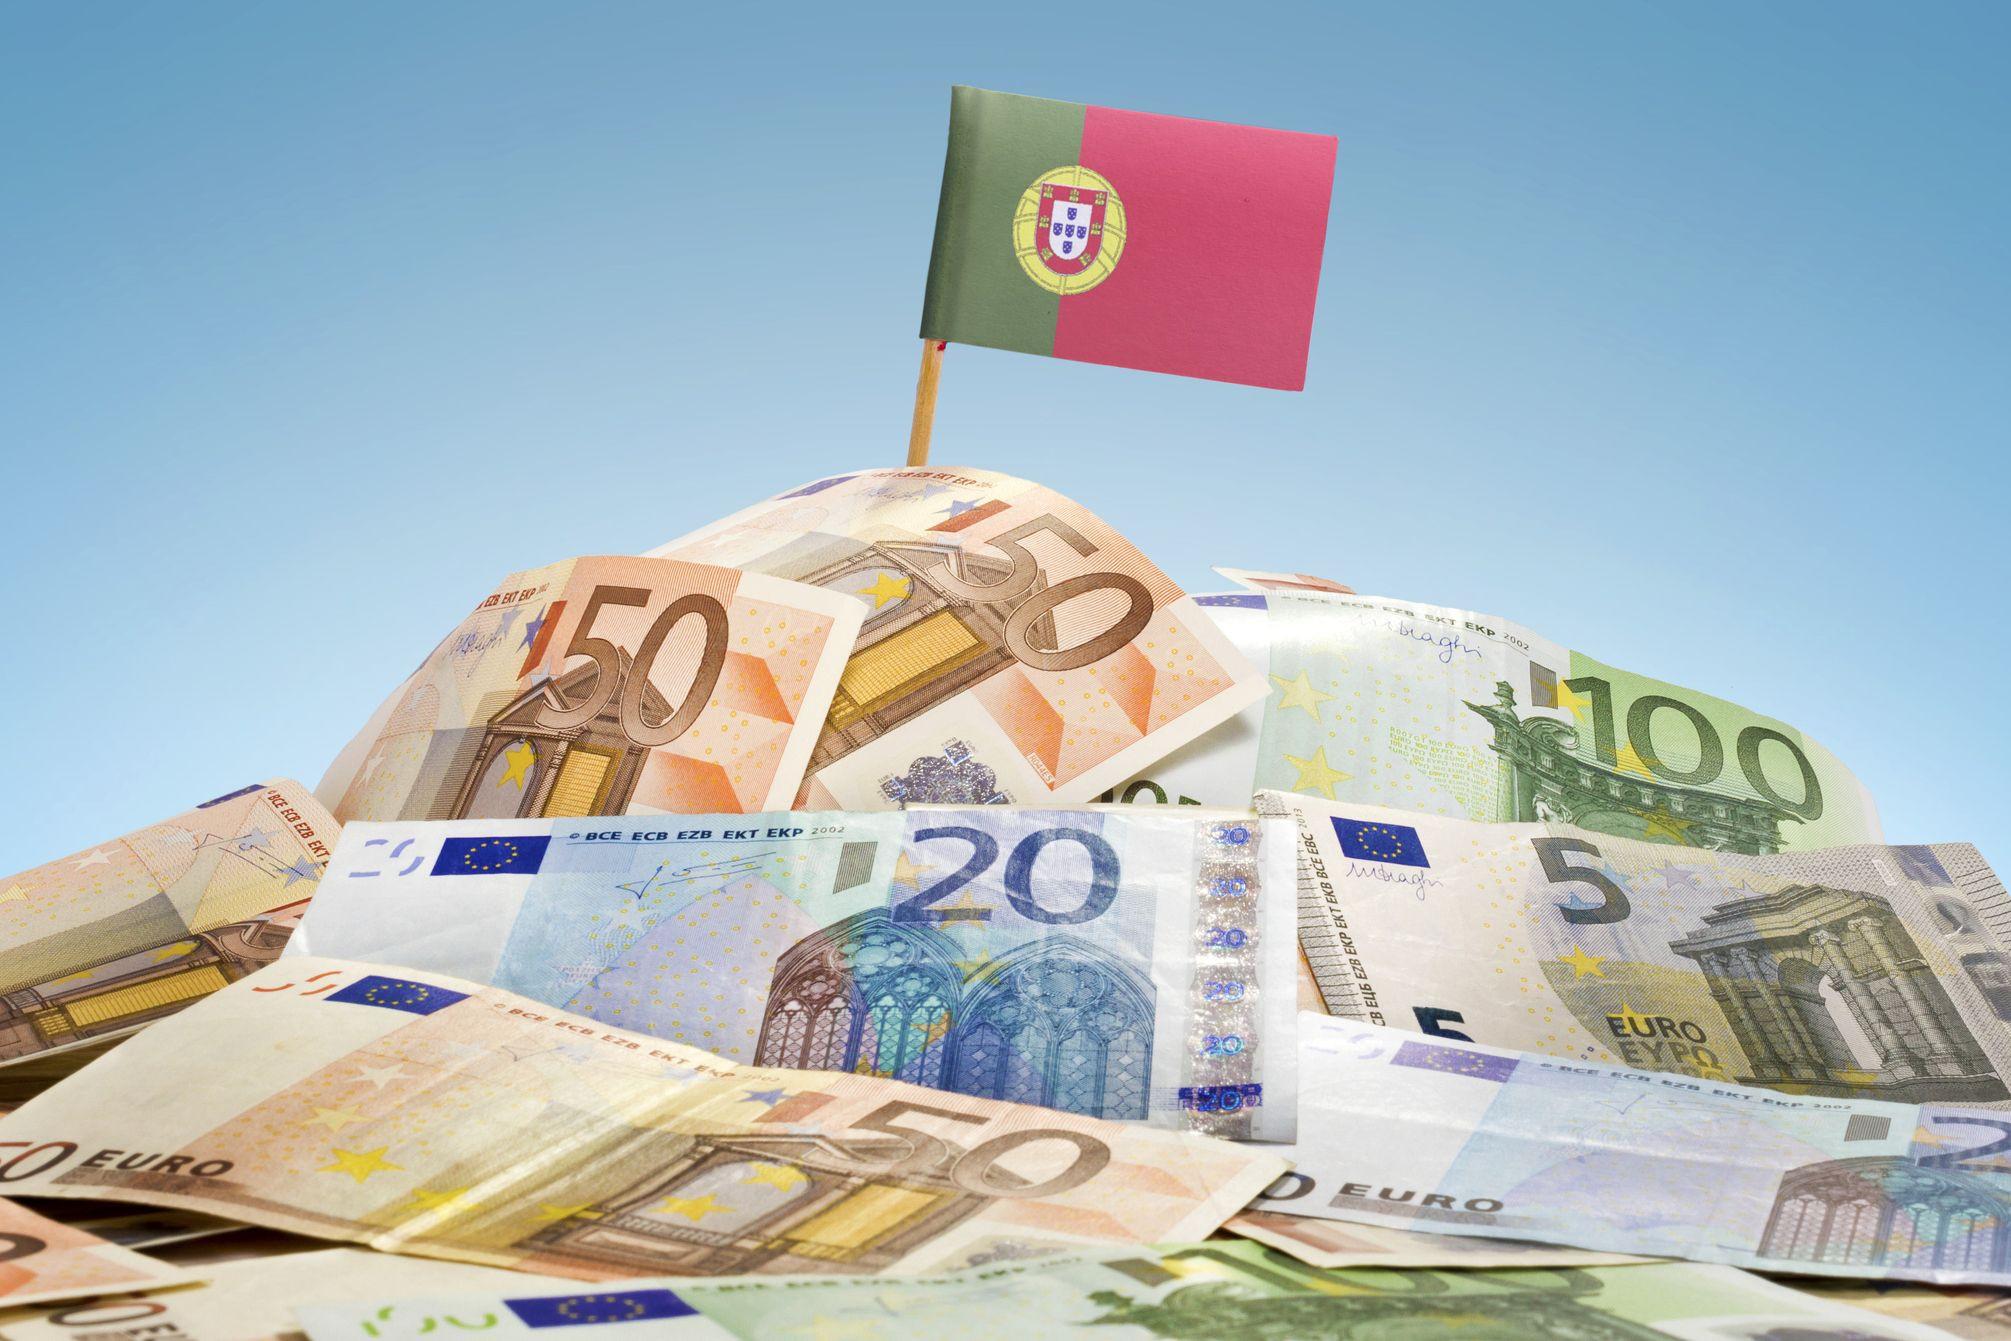 Juros da dívida de Portugal sobem  em todos os prazos